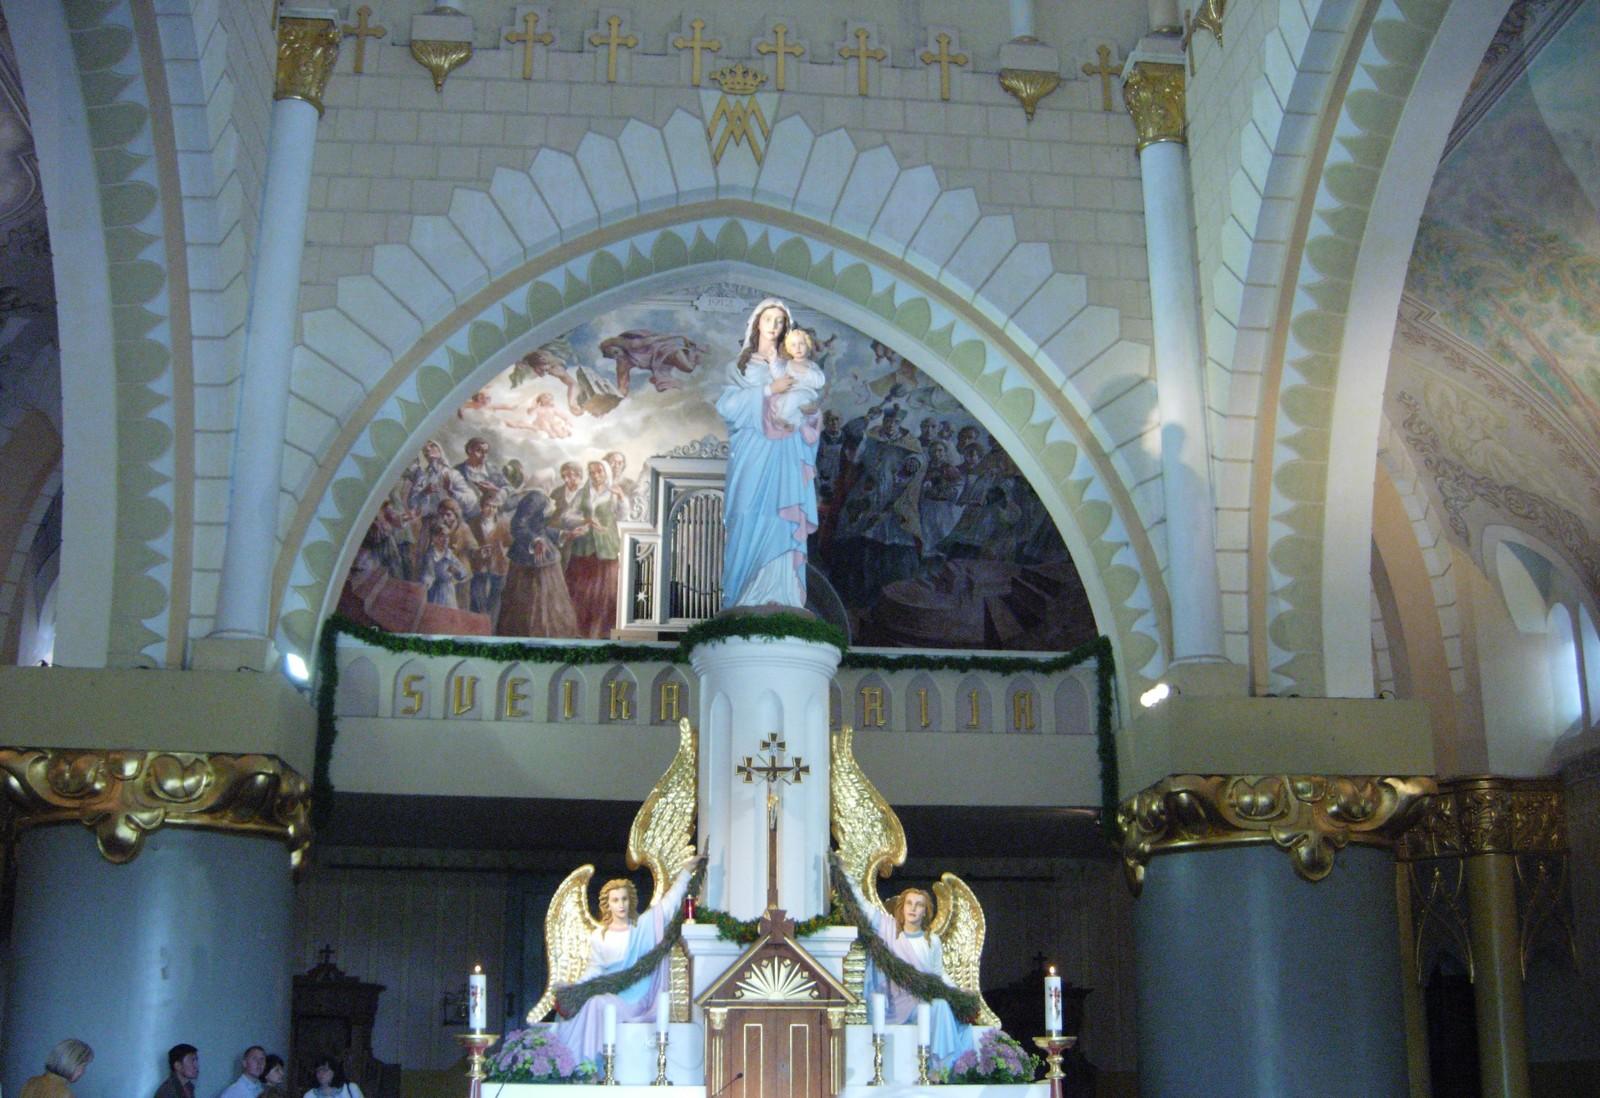 Nuestra Señora de Siluva, Aparición que Pide Volver a la Fe Católica, Lituania (17 ago)